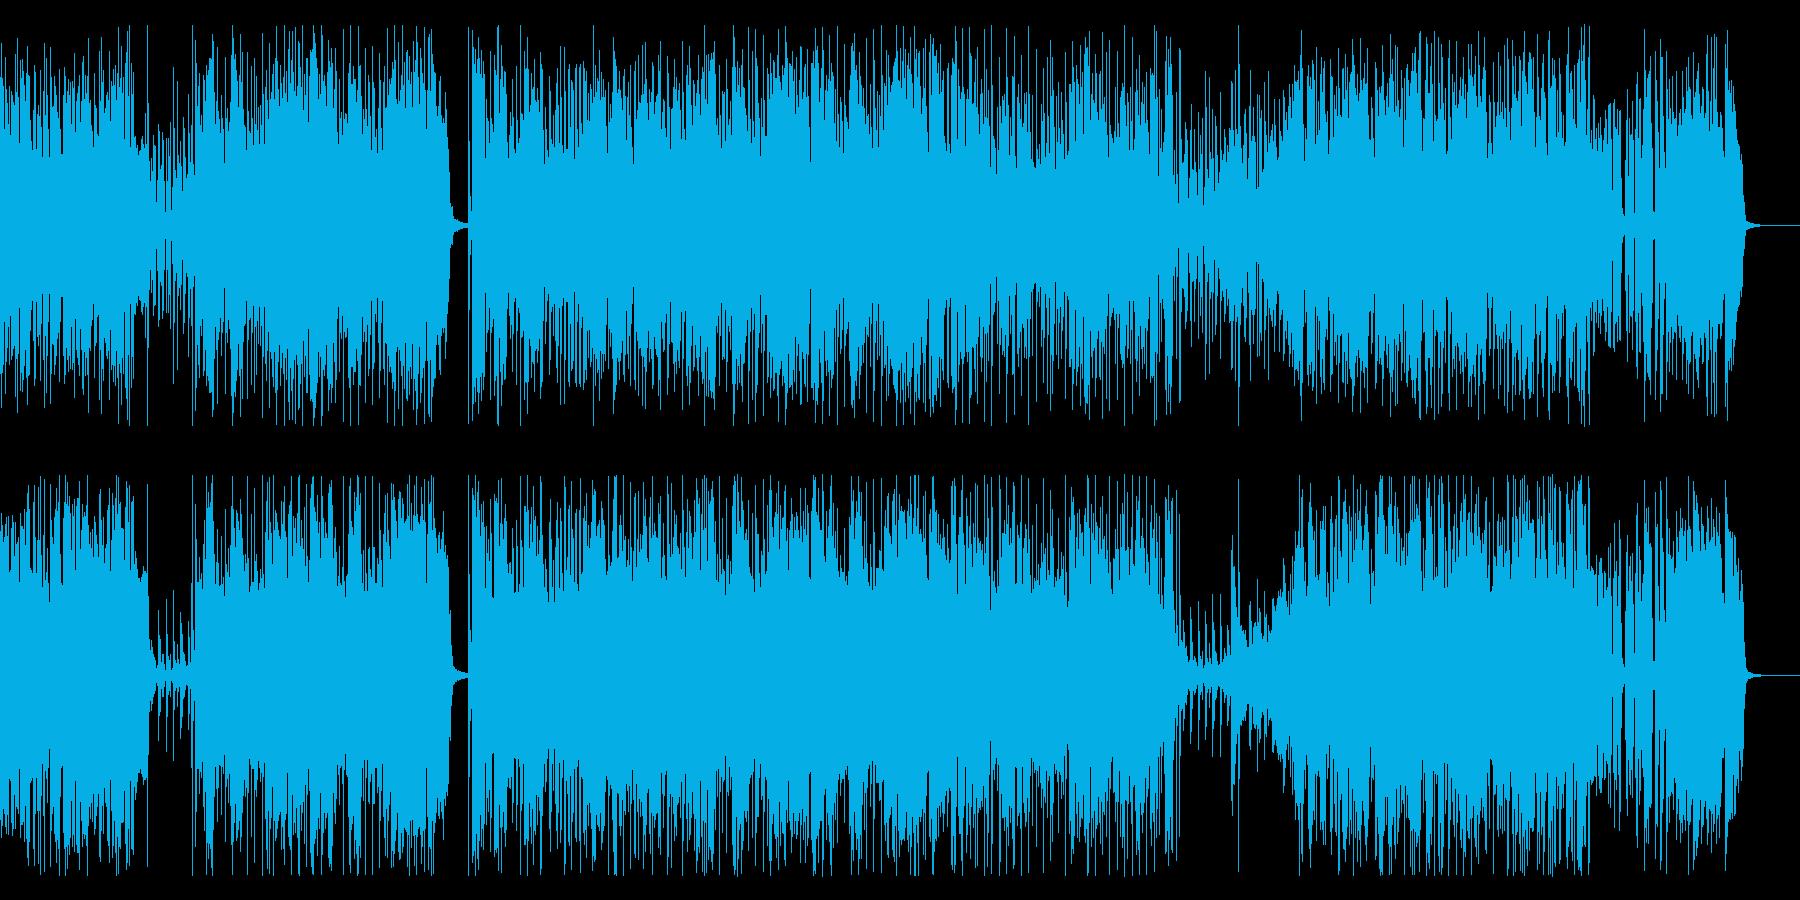 ハイテンポで元気なブラスのバンド曲の再生済みの波形